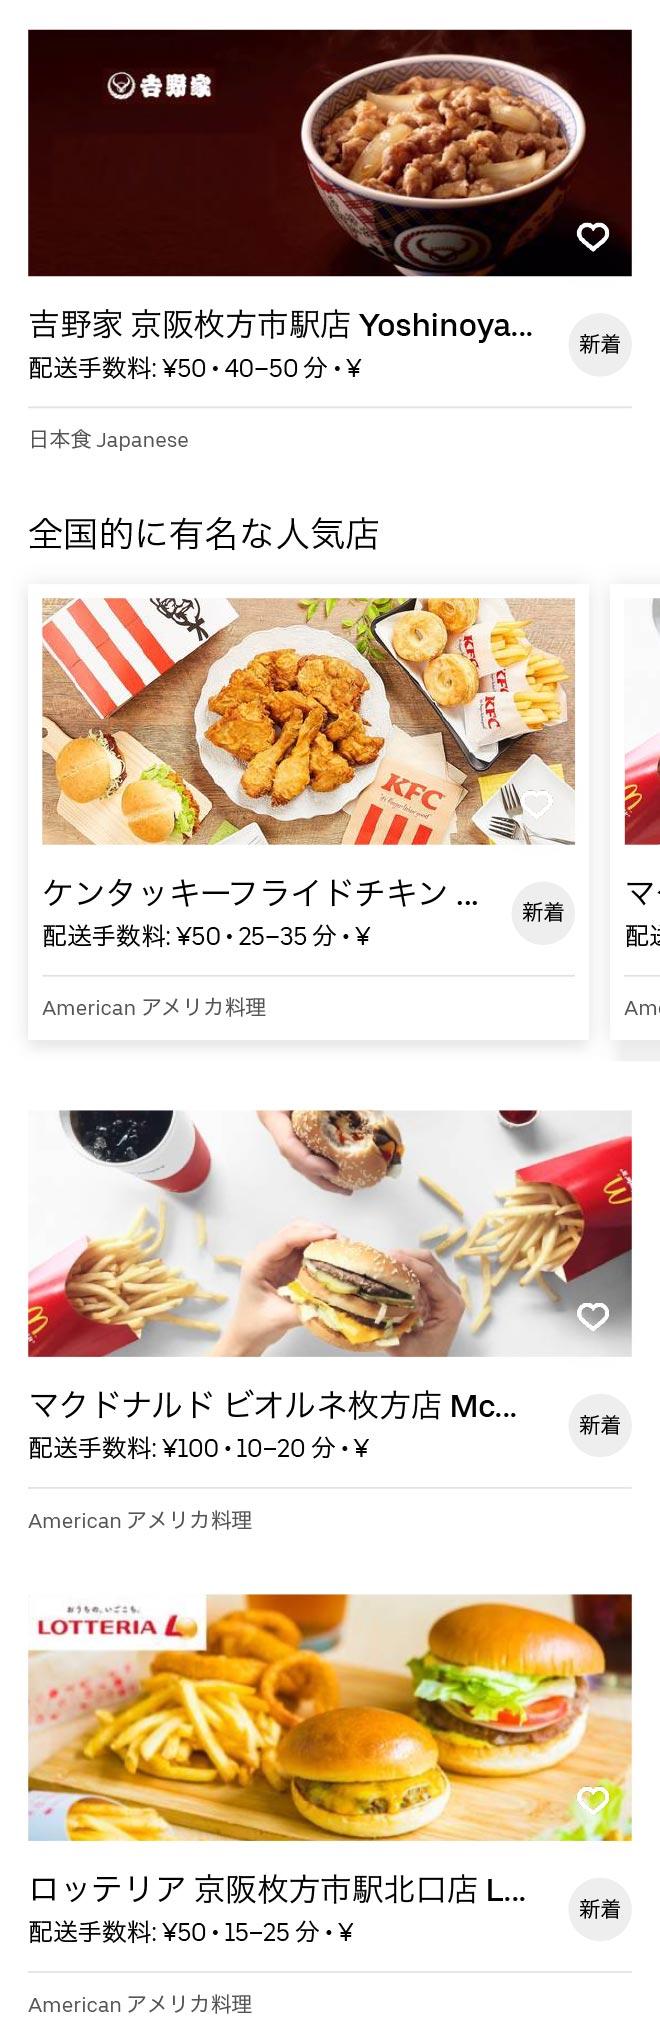 Hirakata menu 2005 01